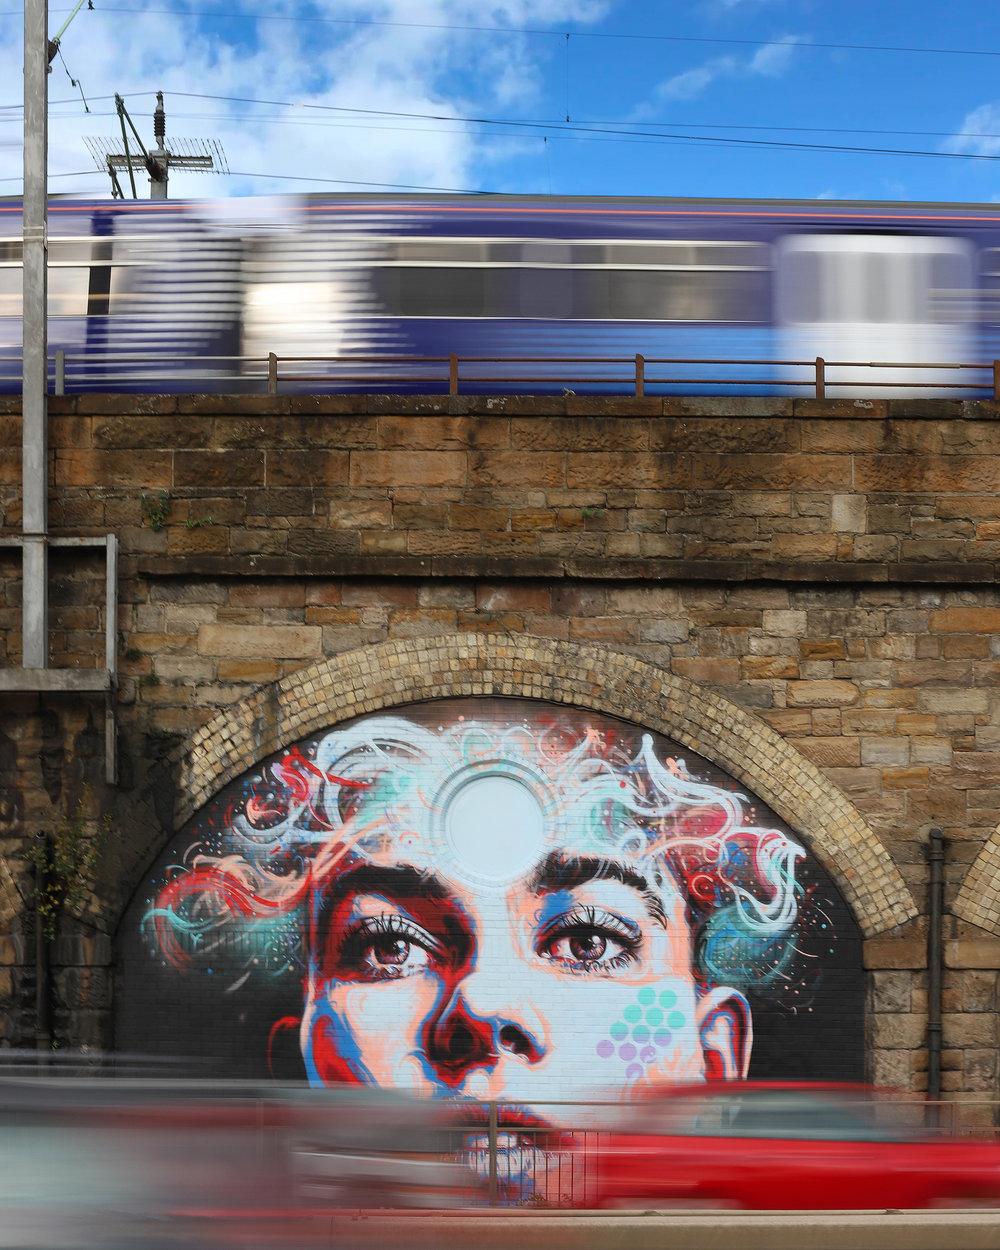 RailwayArch_Train_HIGH-8 copy 2.jpg